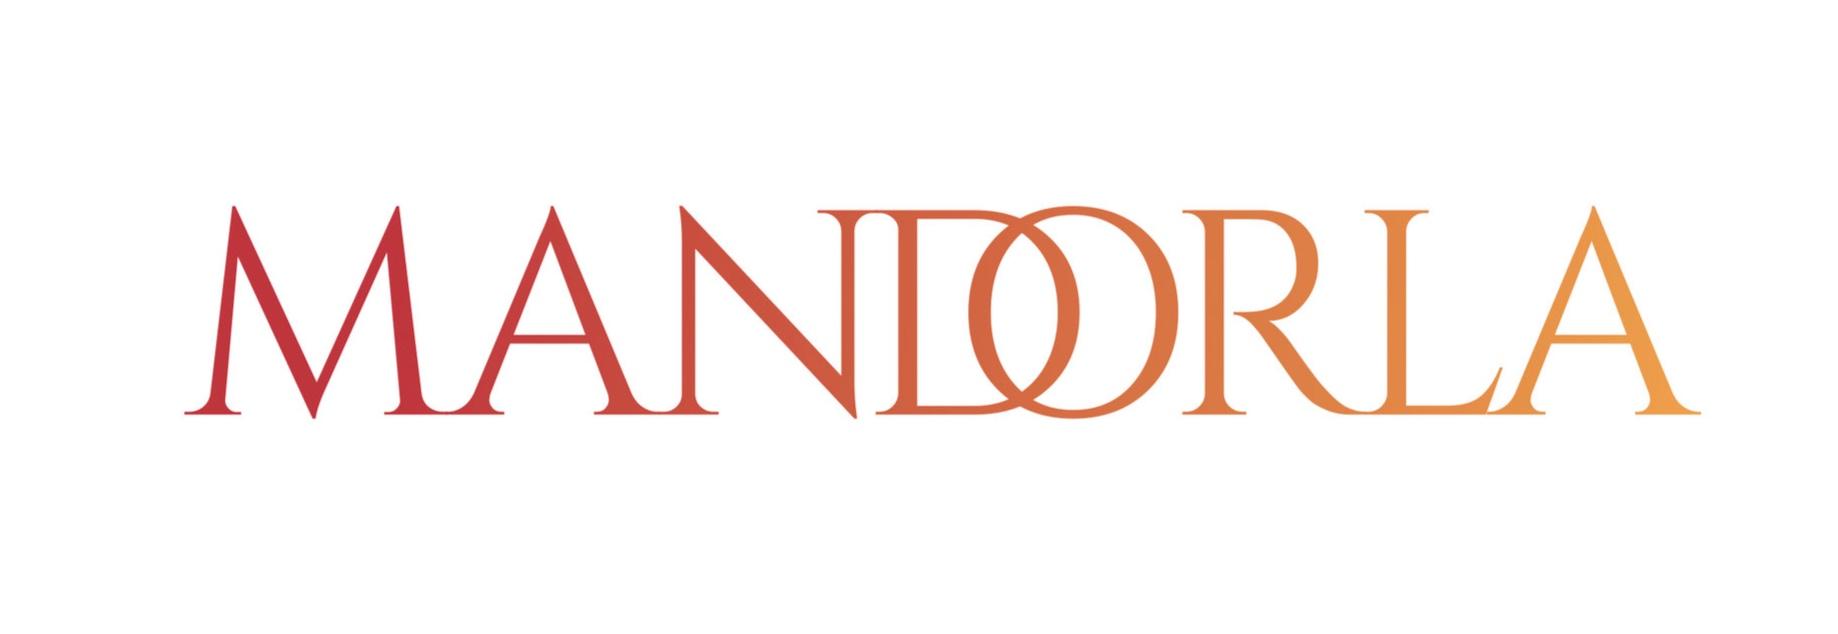 Mandorla-logo.jpg